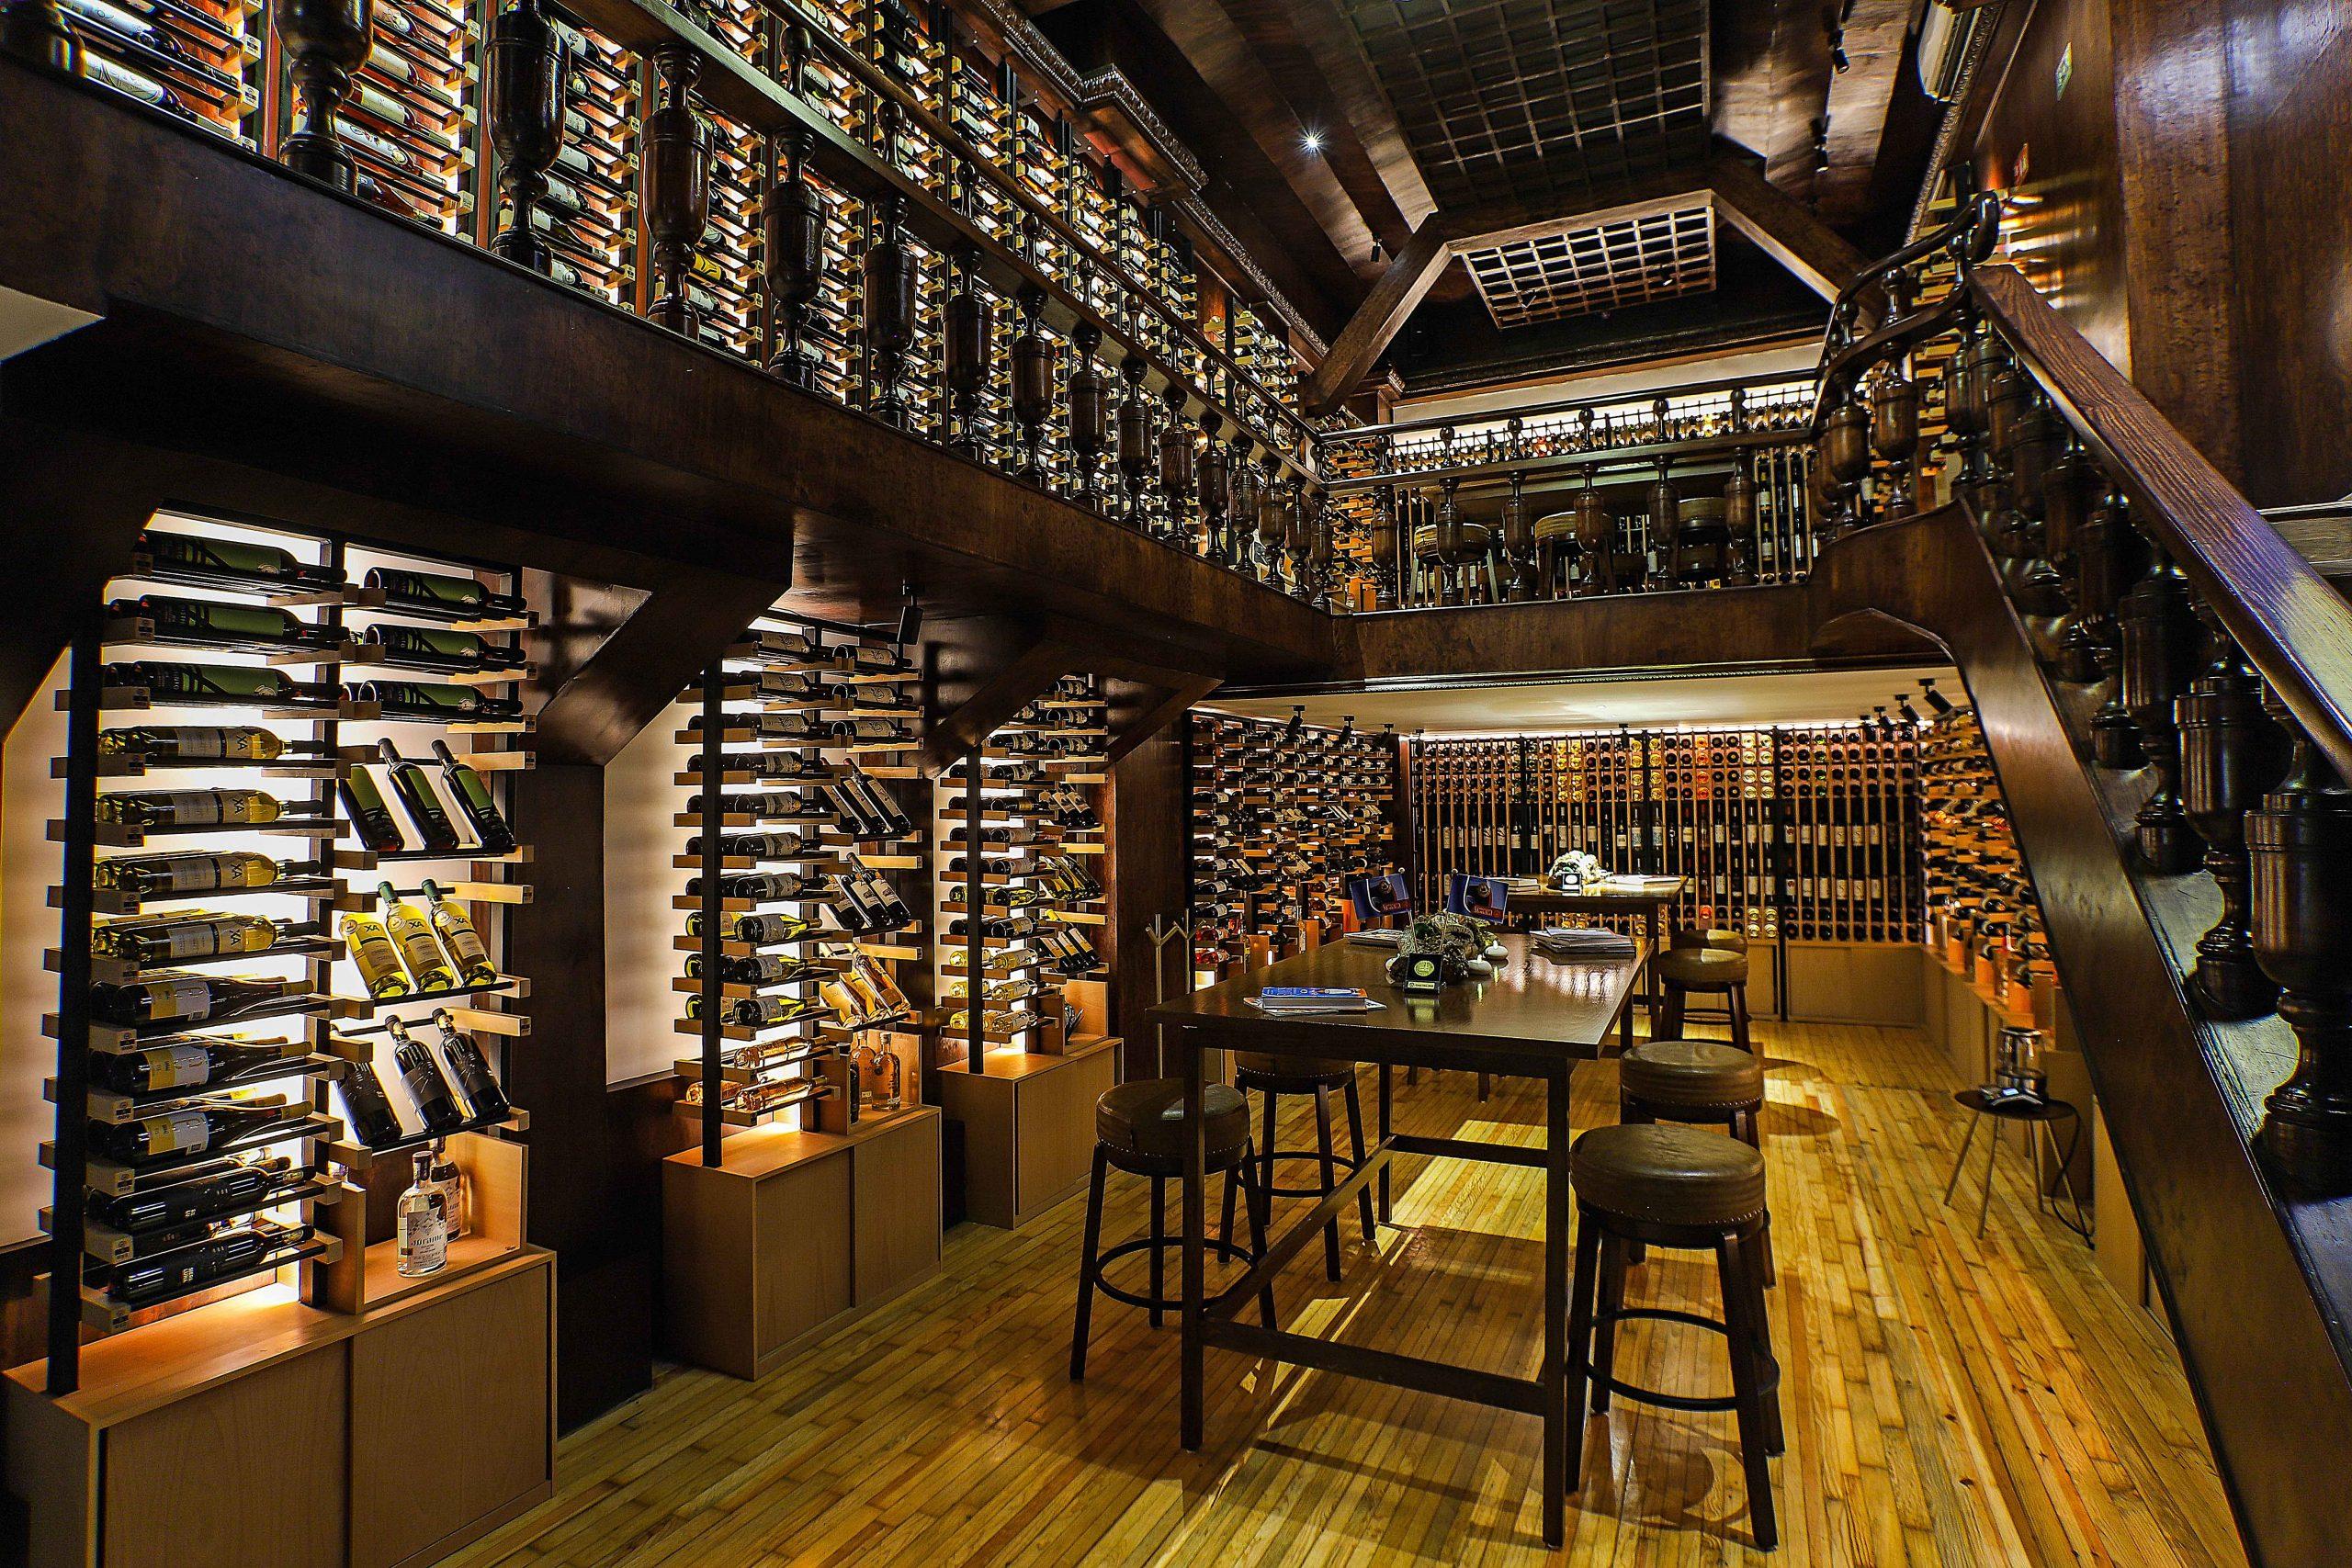 Wine bar interiores